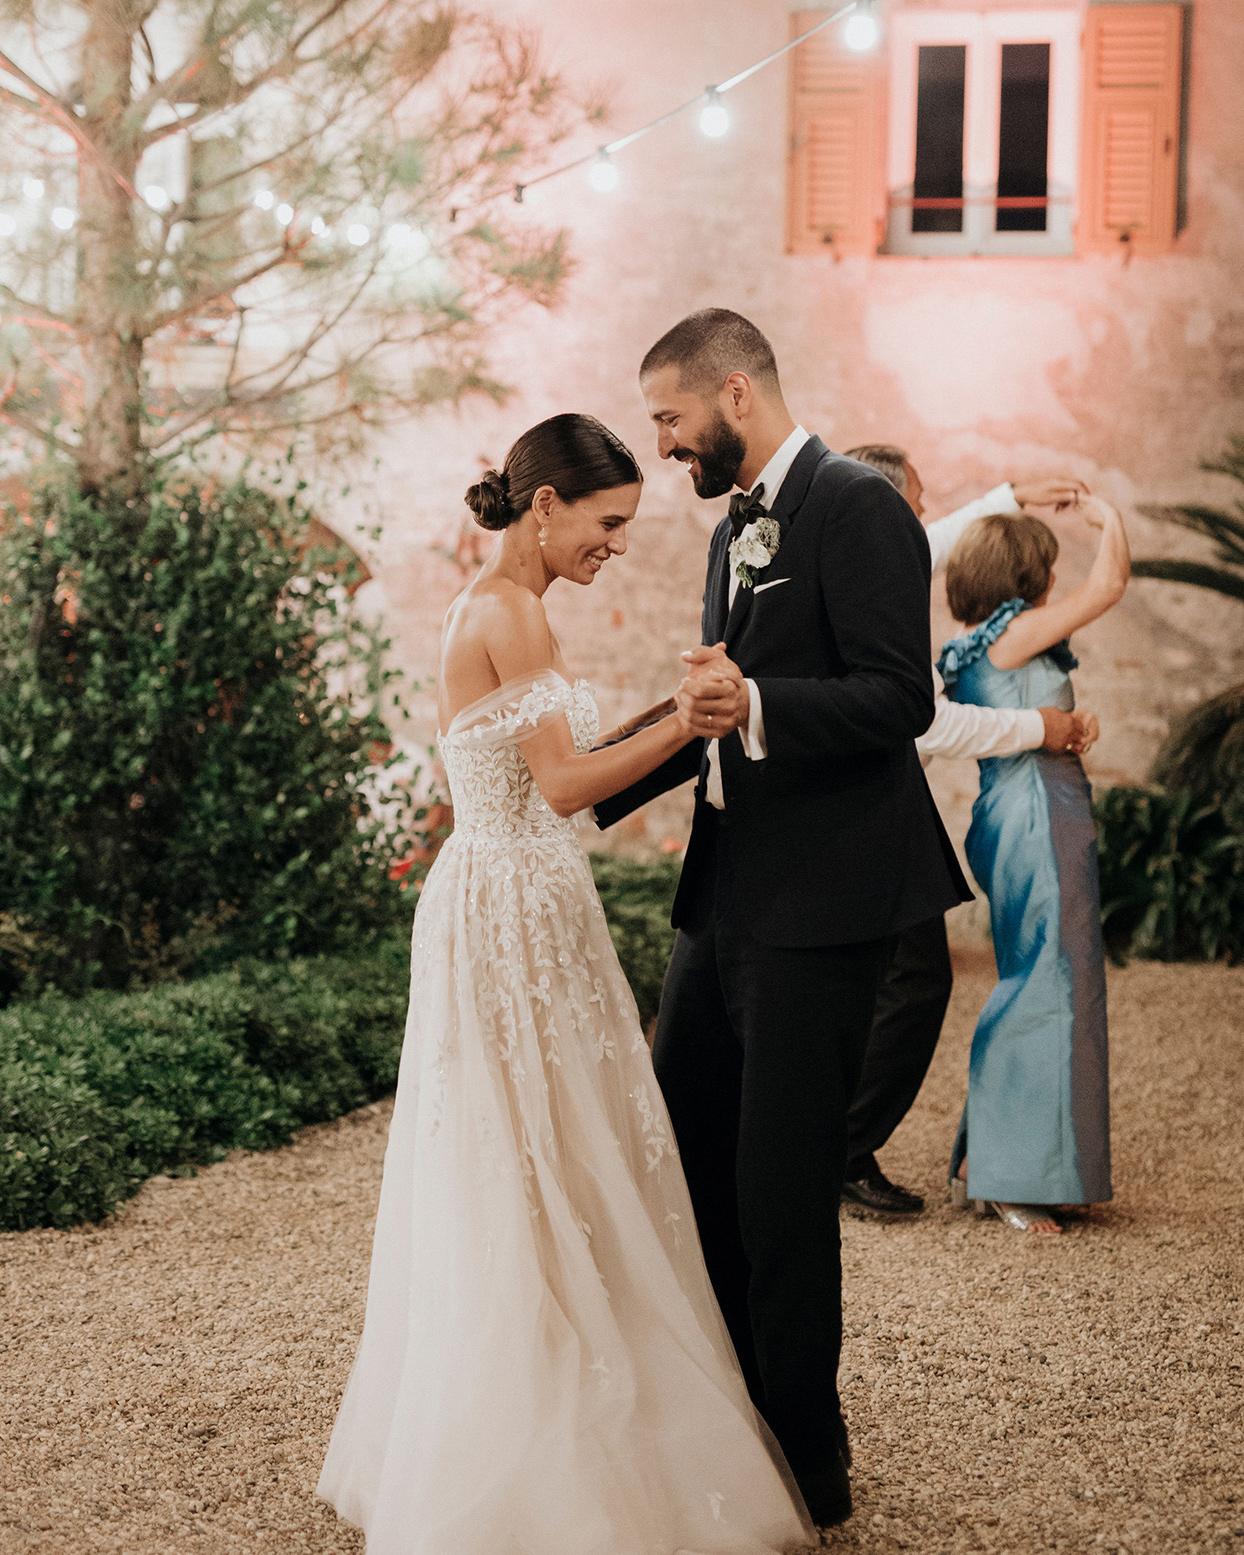 jaclyn antonio wedding bride and groom dancing